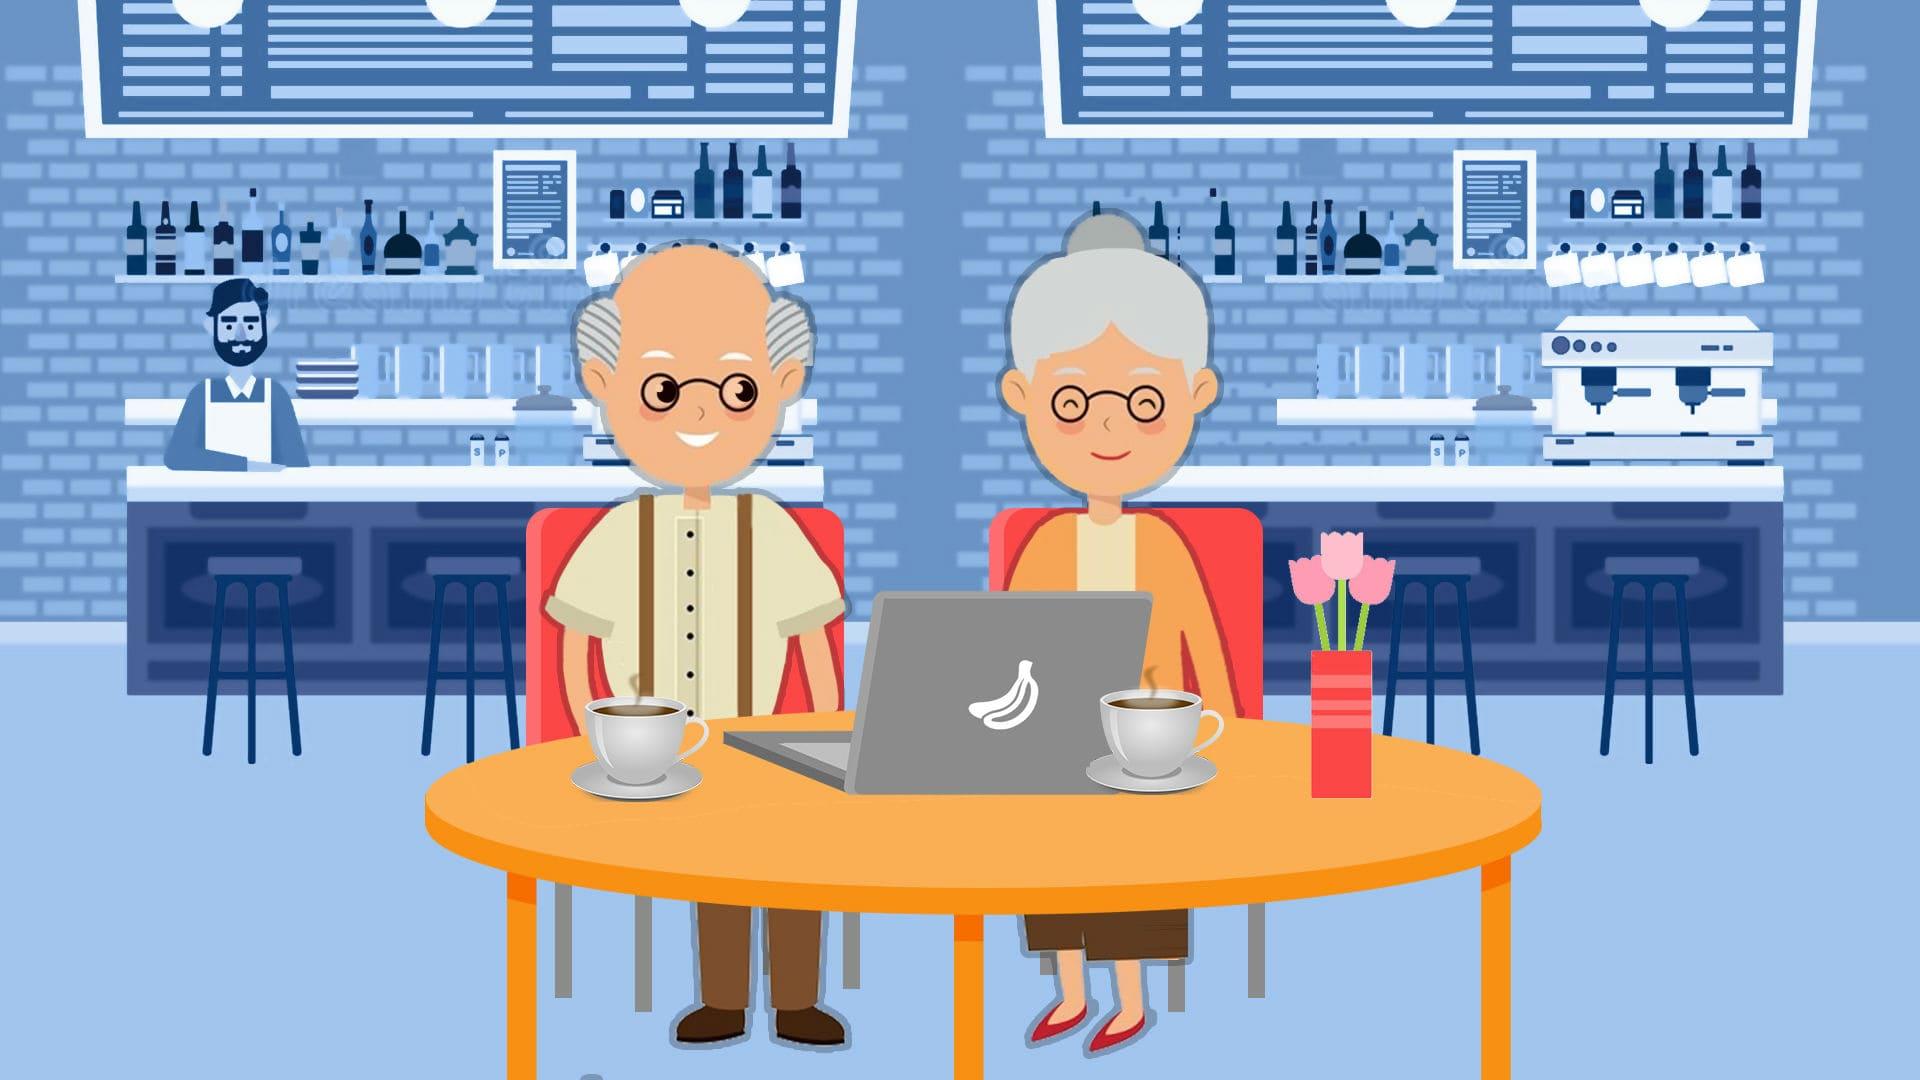 Jinga_Life_Elderly-min.jpg